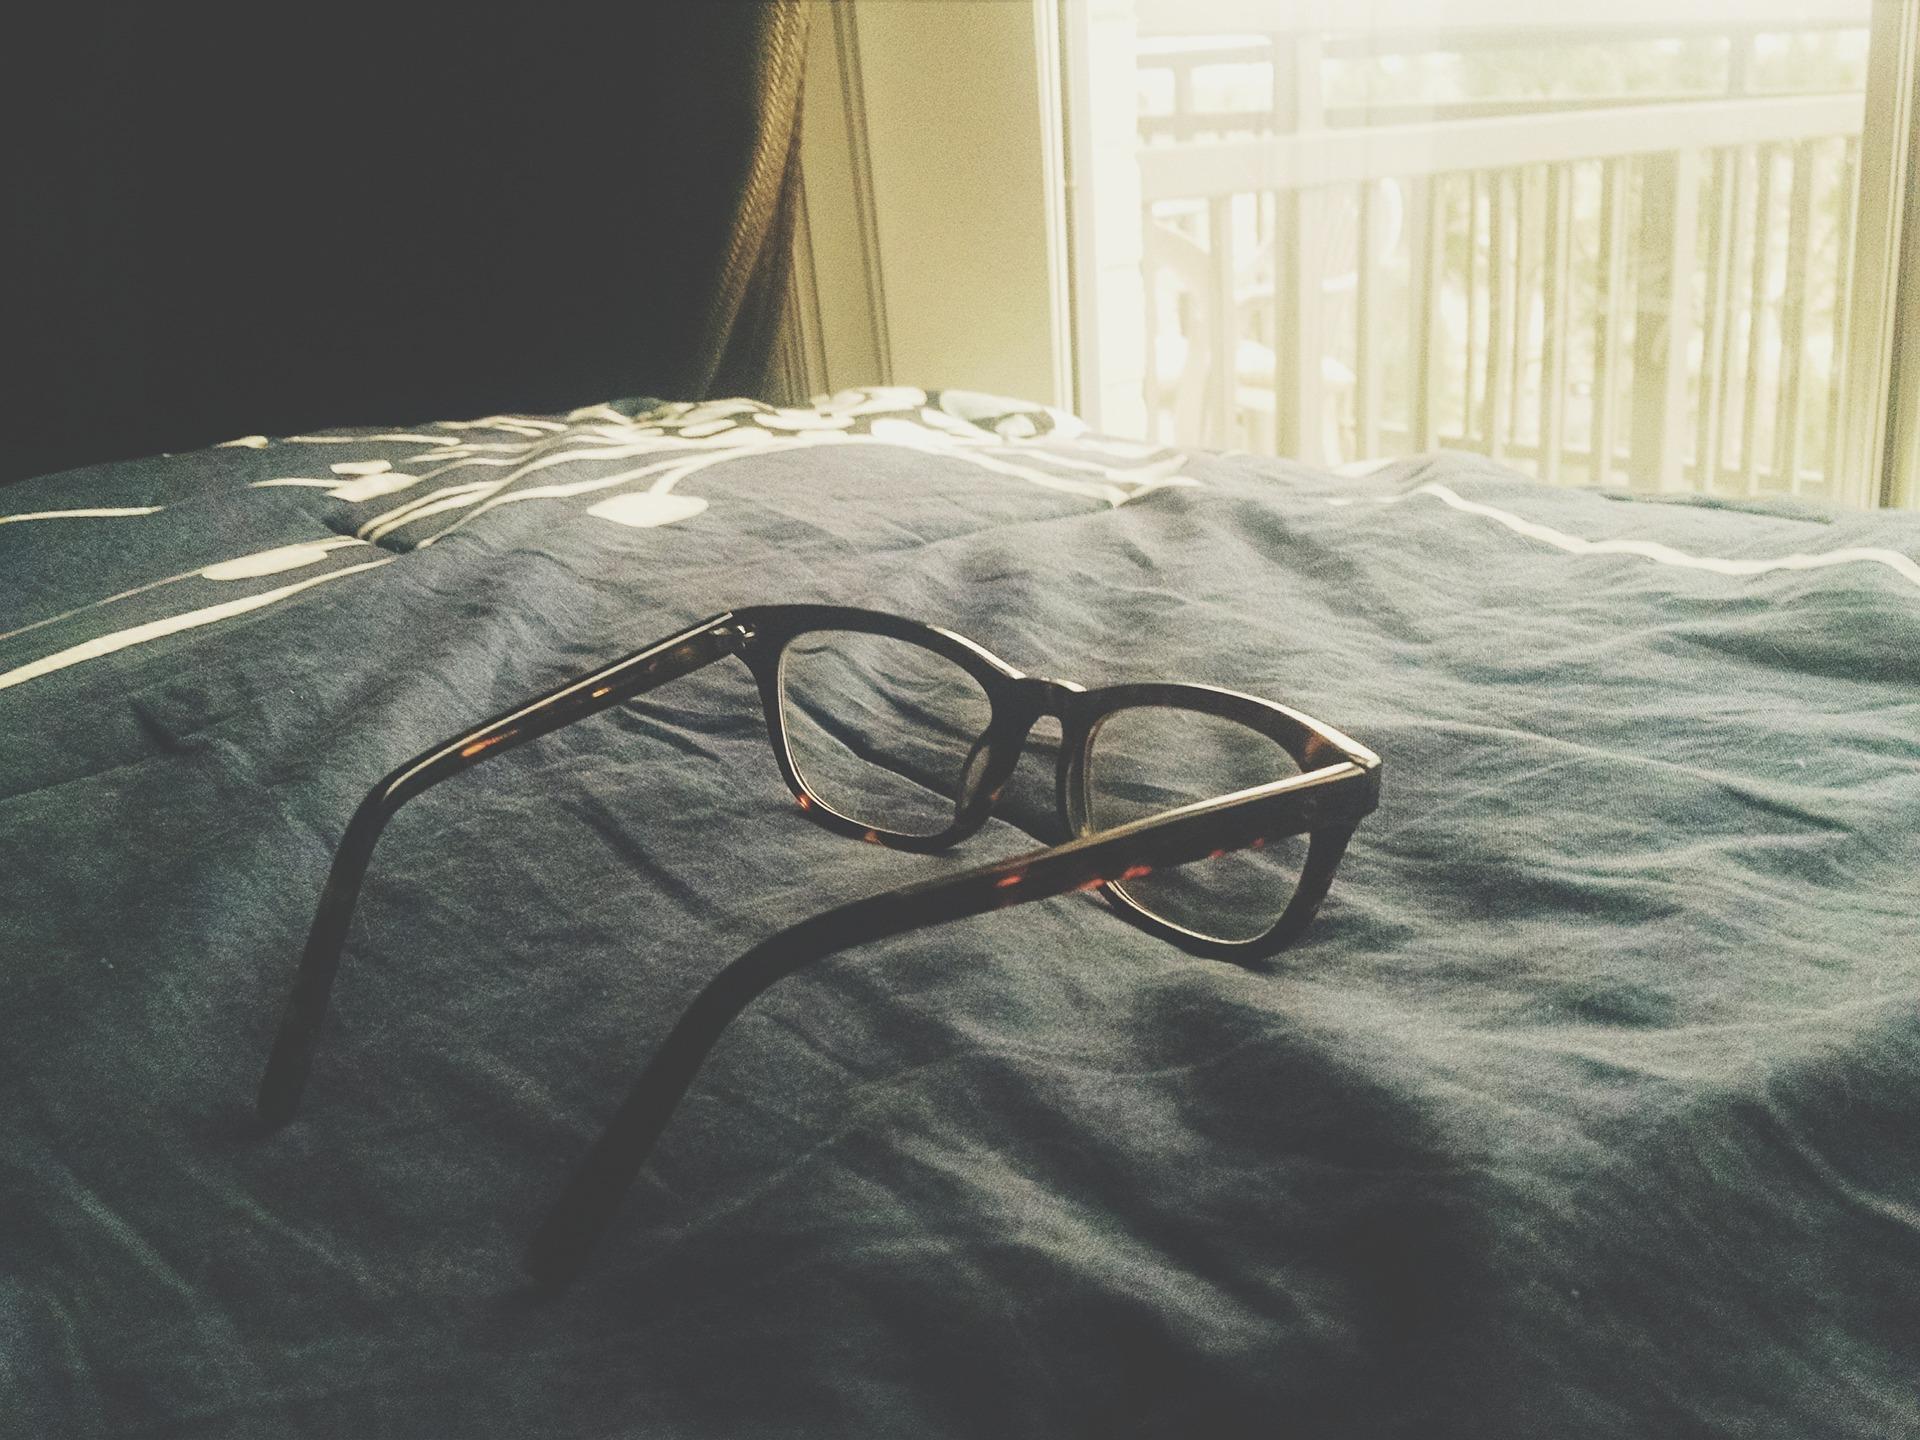 眼睛变形因为长期戴镜?眼镜:这个锅我不背!